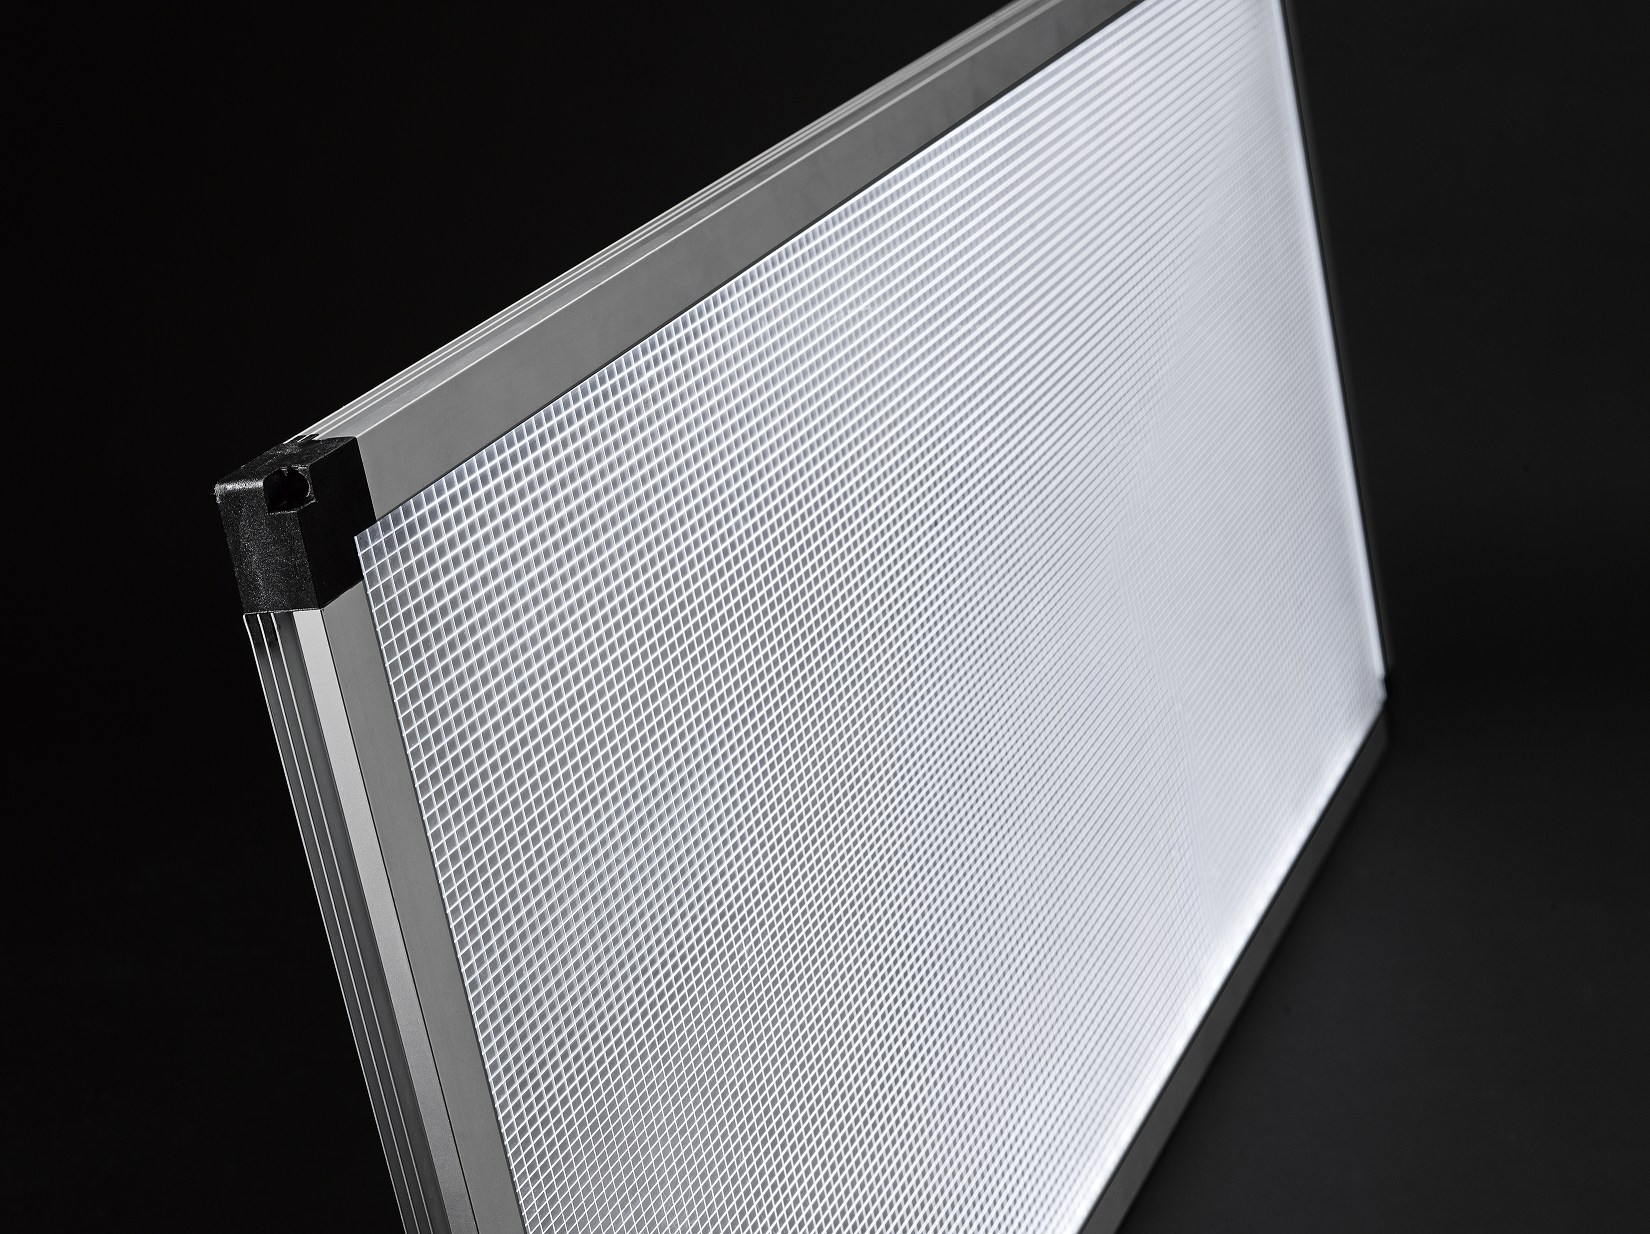 designer fashion 4c4e1 91d21 ORION: Outdoor LED Light Panel — LITEGRAFX